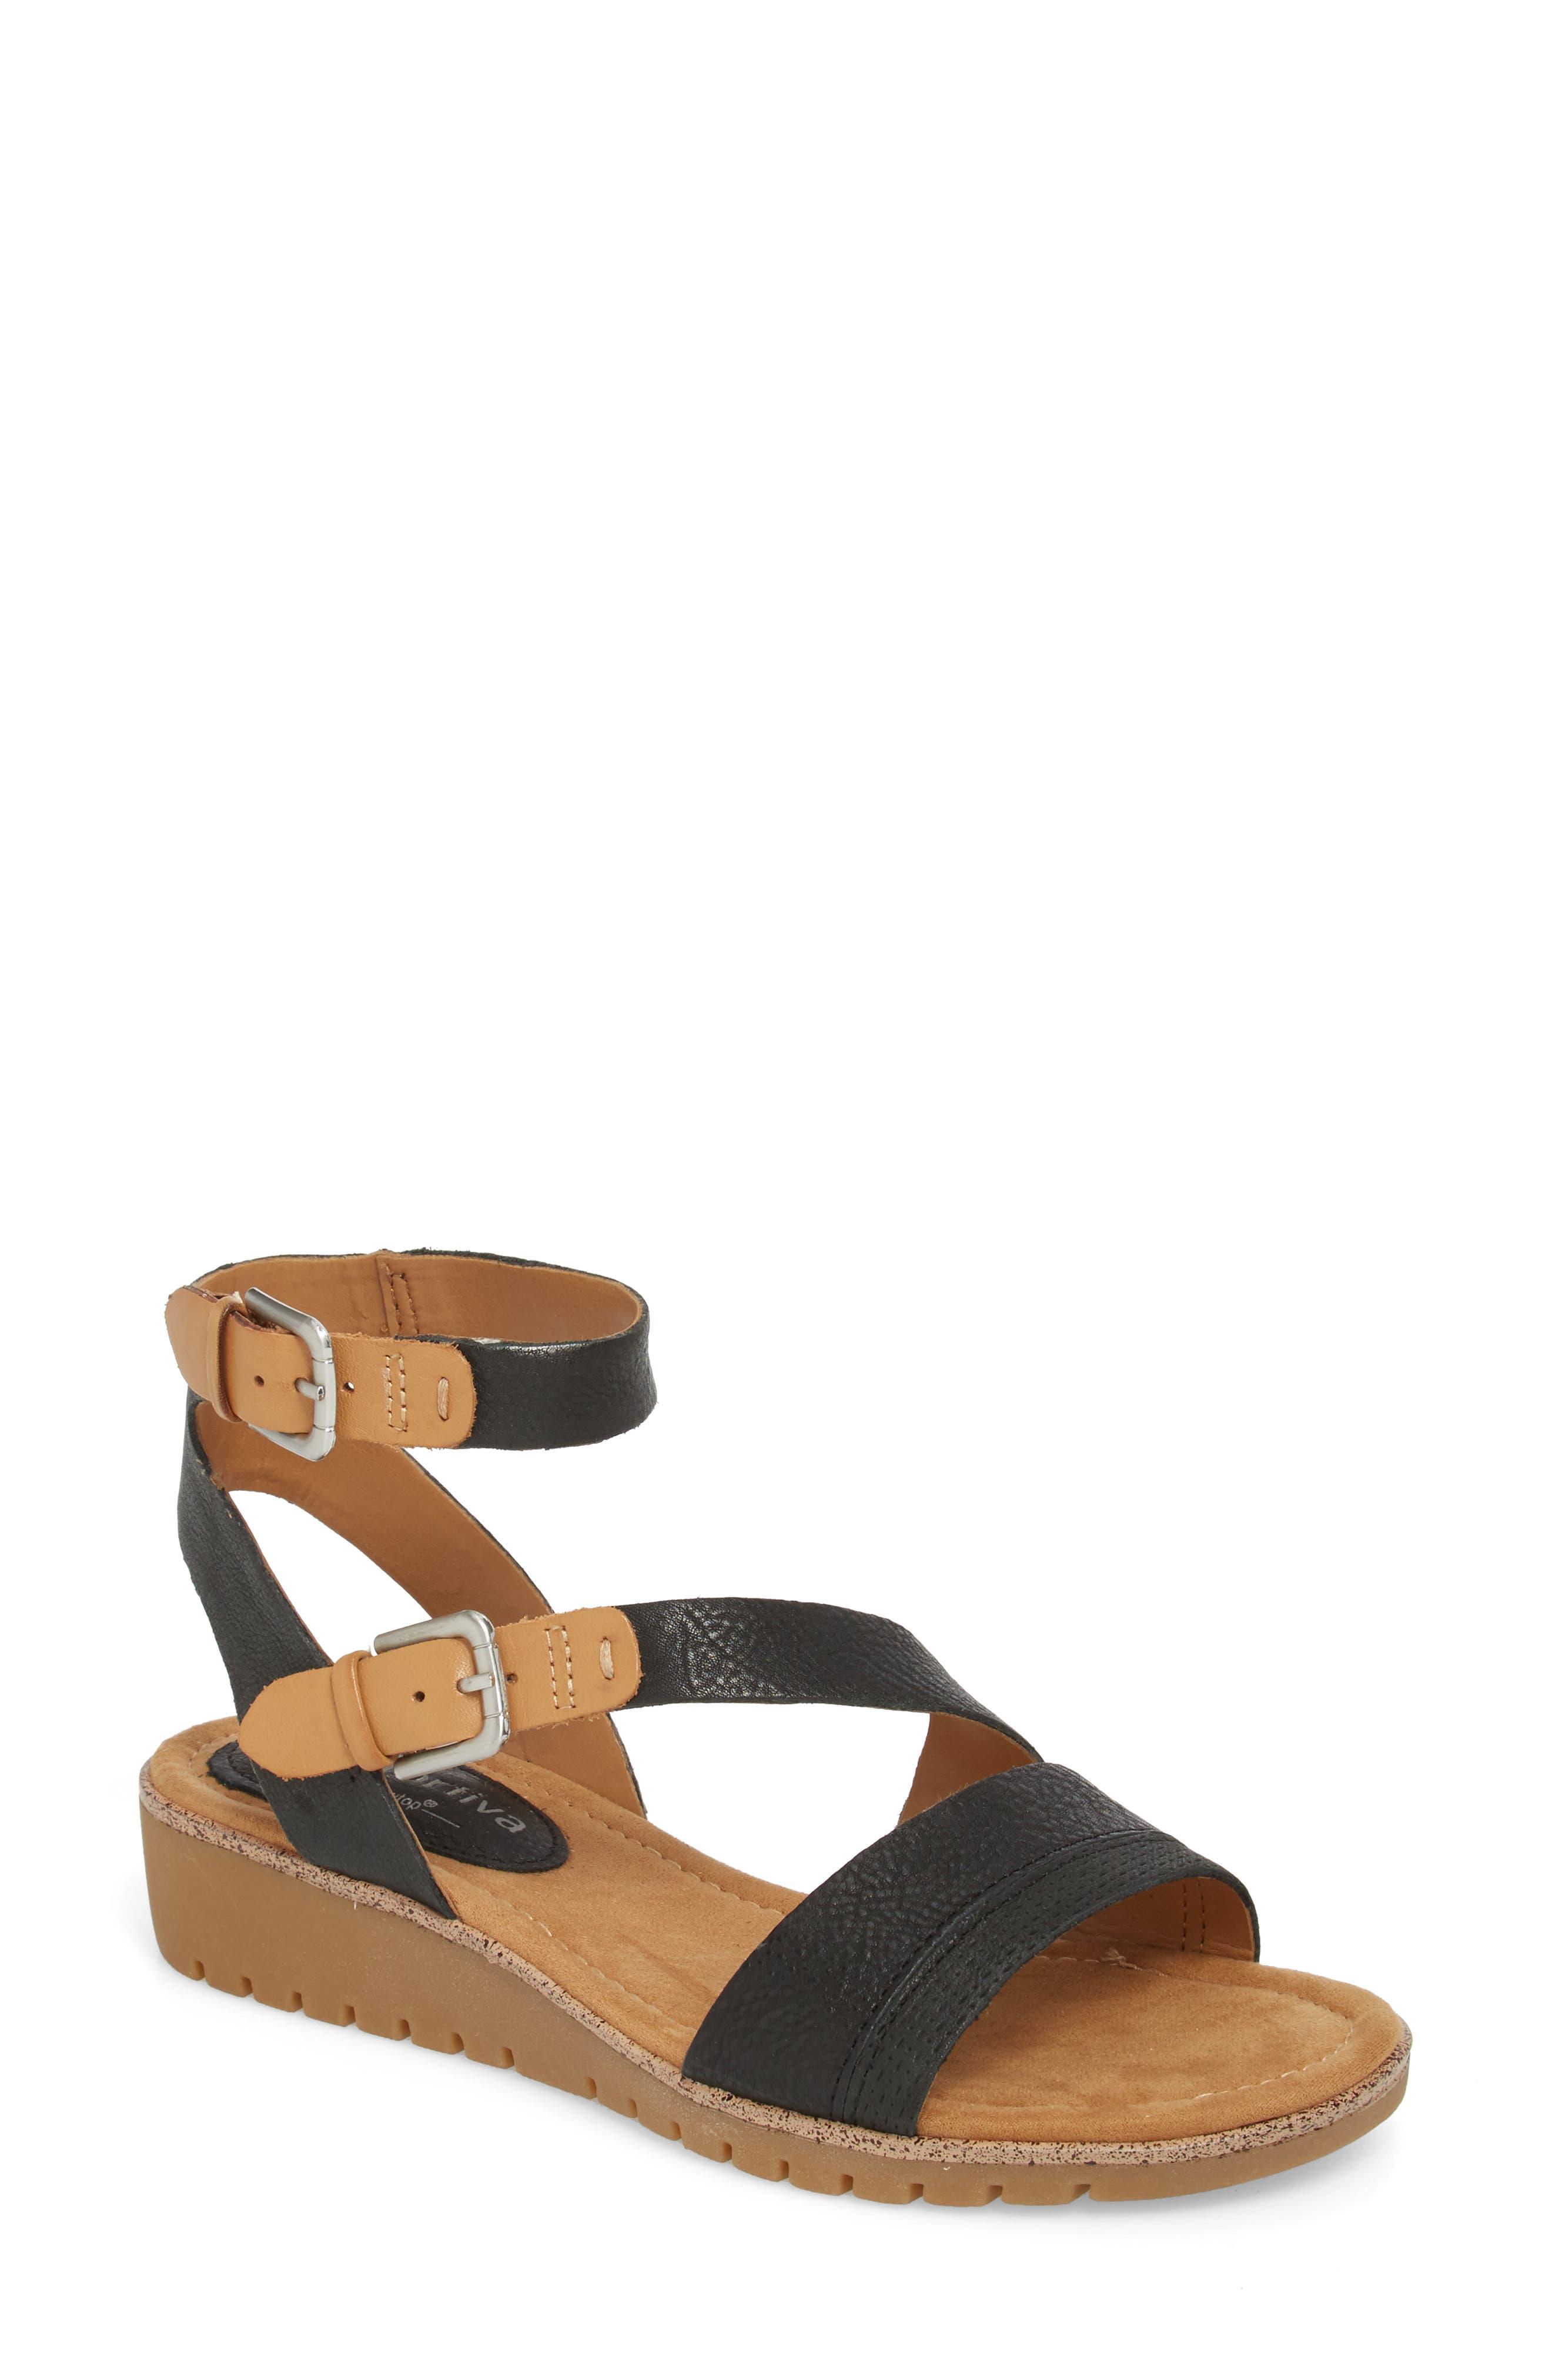 Corvina Sandal,                             Main thumbnail 1, color,                             Black/ Sand Leather